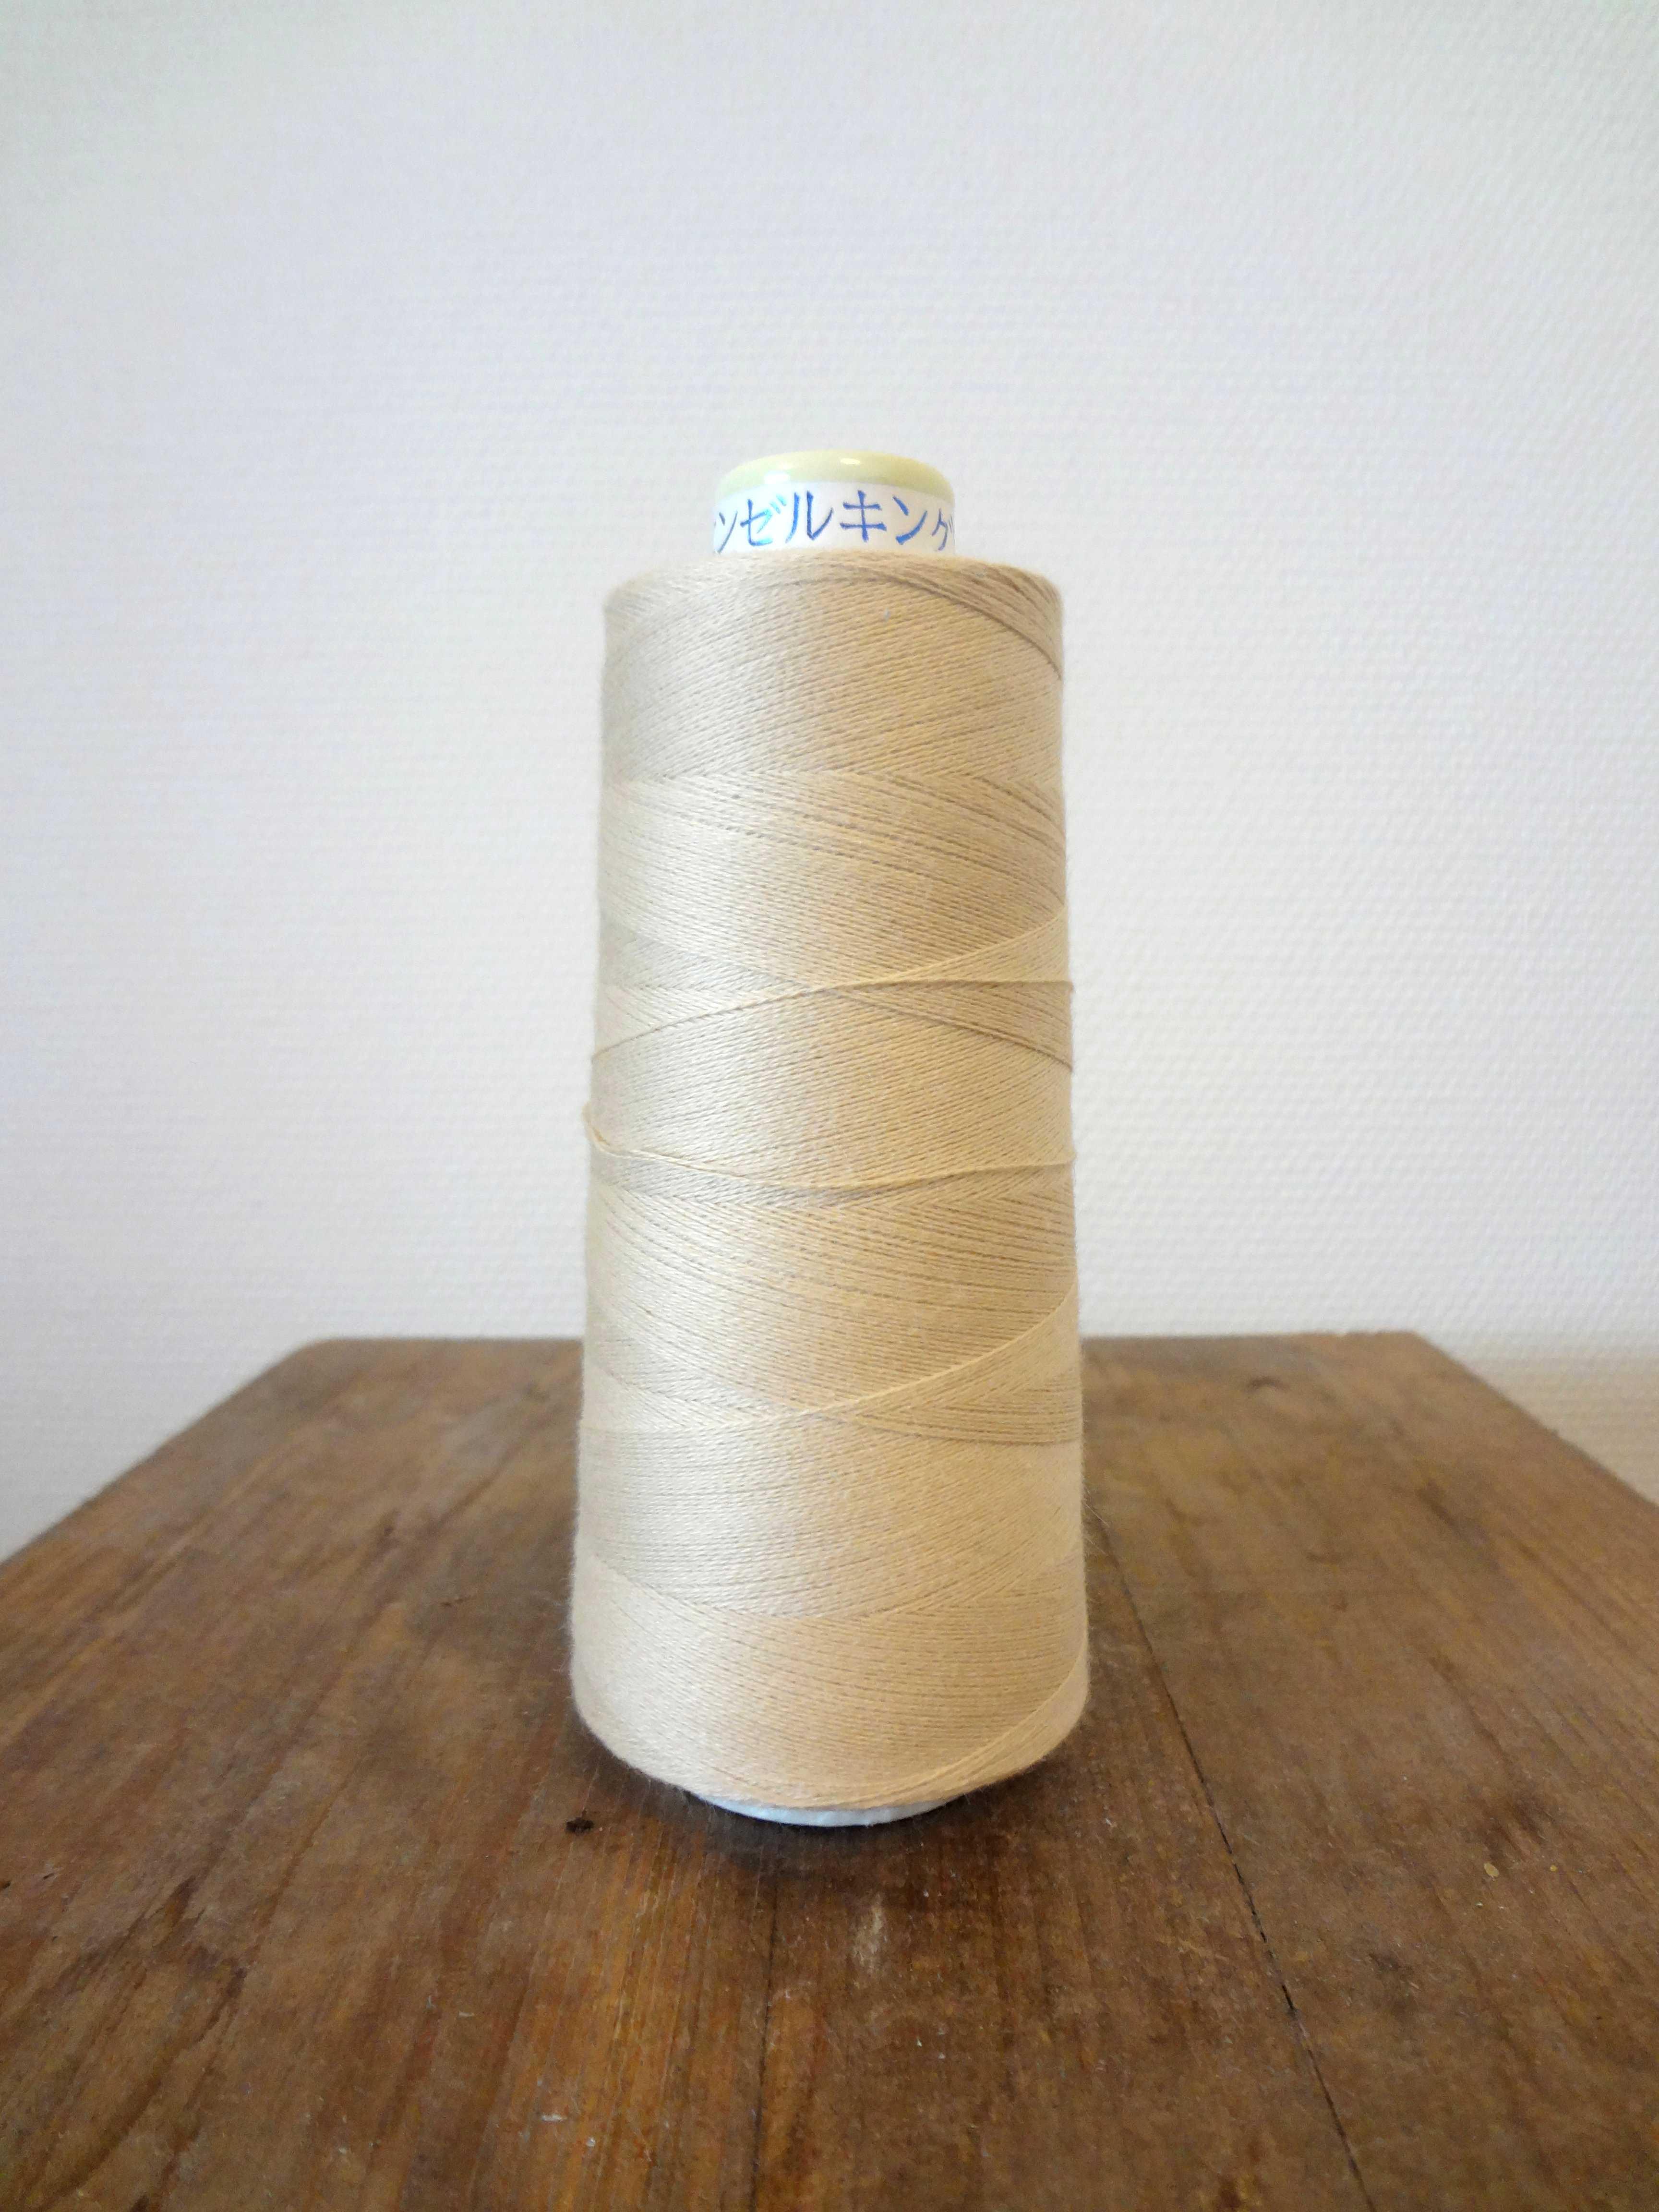 コットンライン#30 綿ミシン刺繍糸 129番(ベージュ)